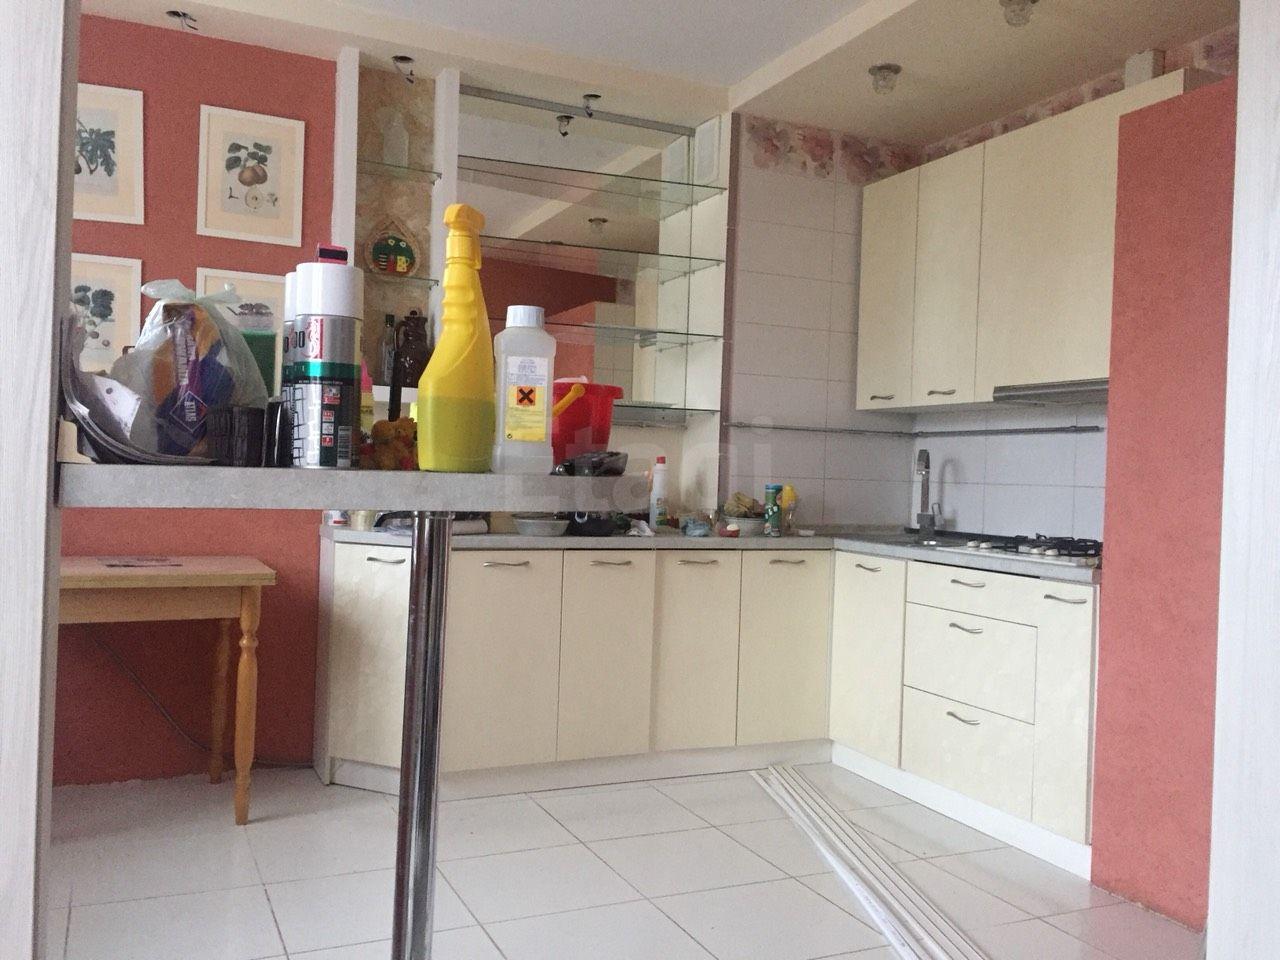 Муром, Кленовая, 34, 3-к. квартира на продажу